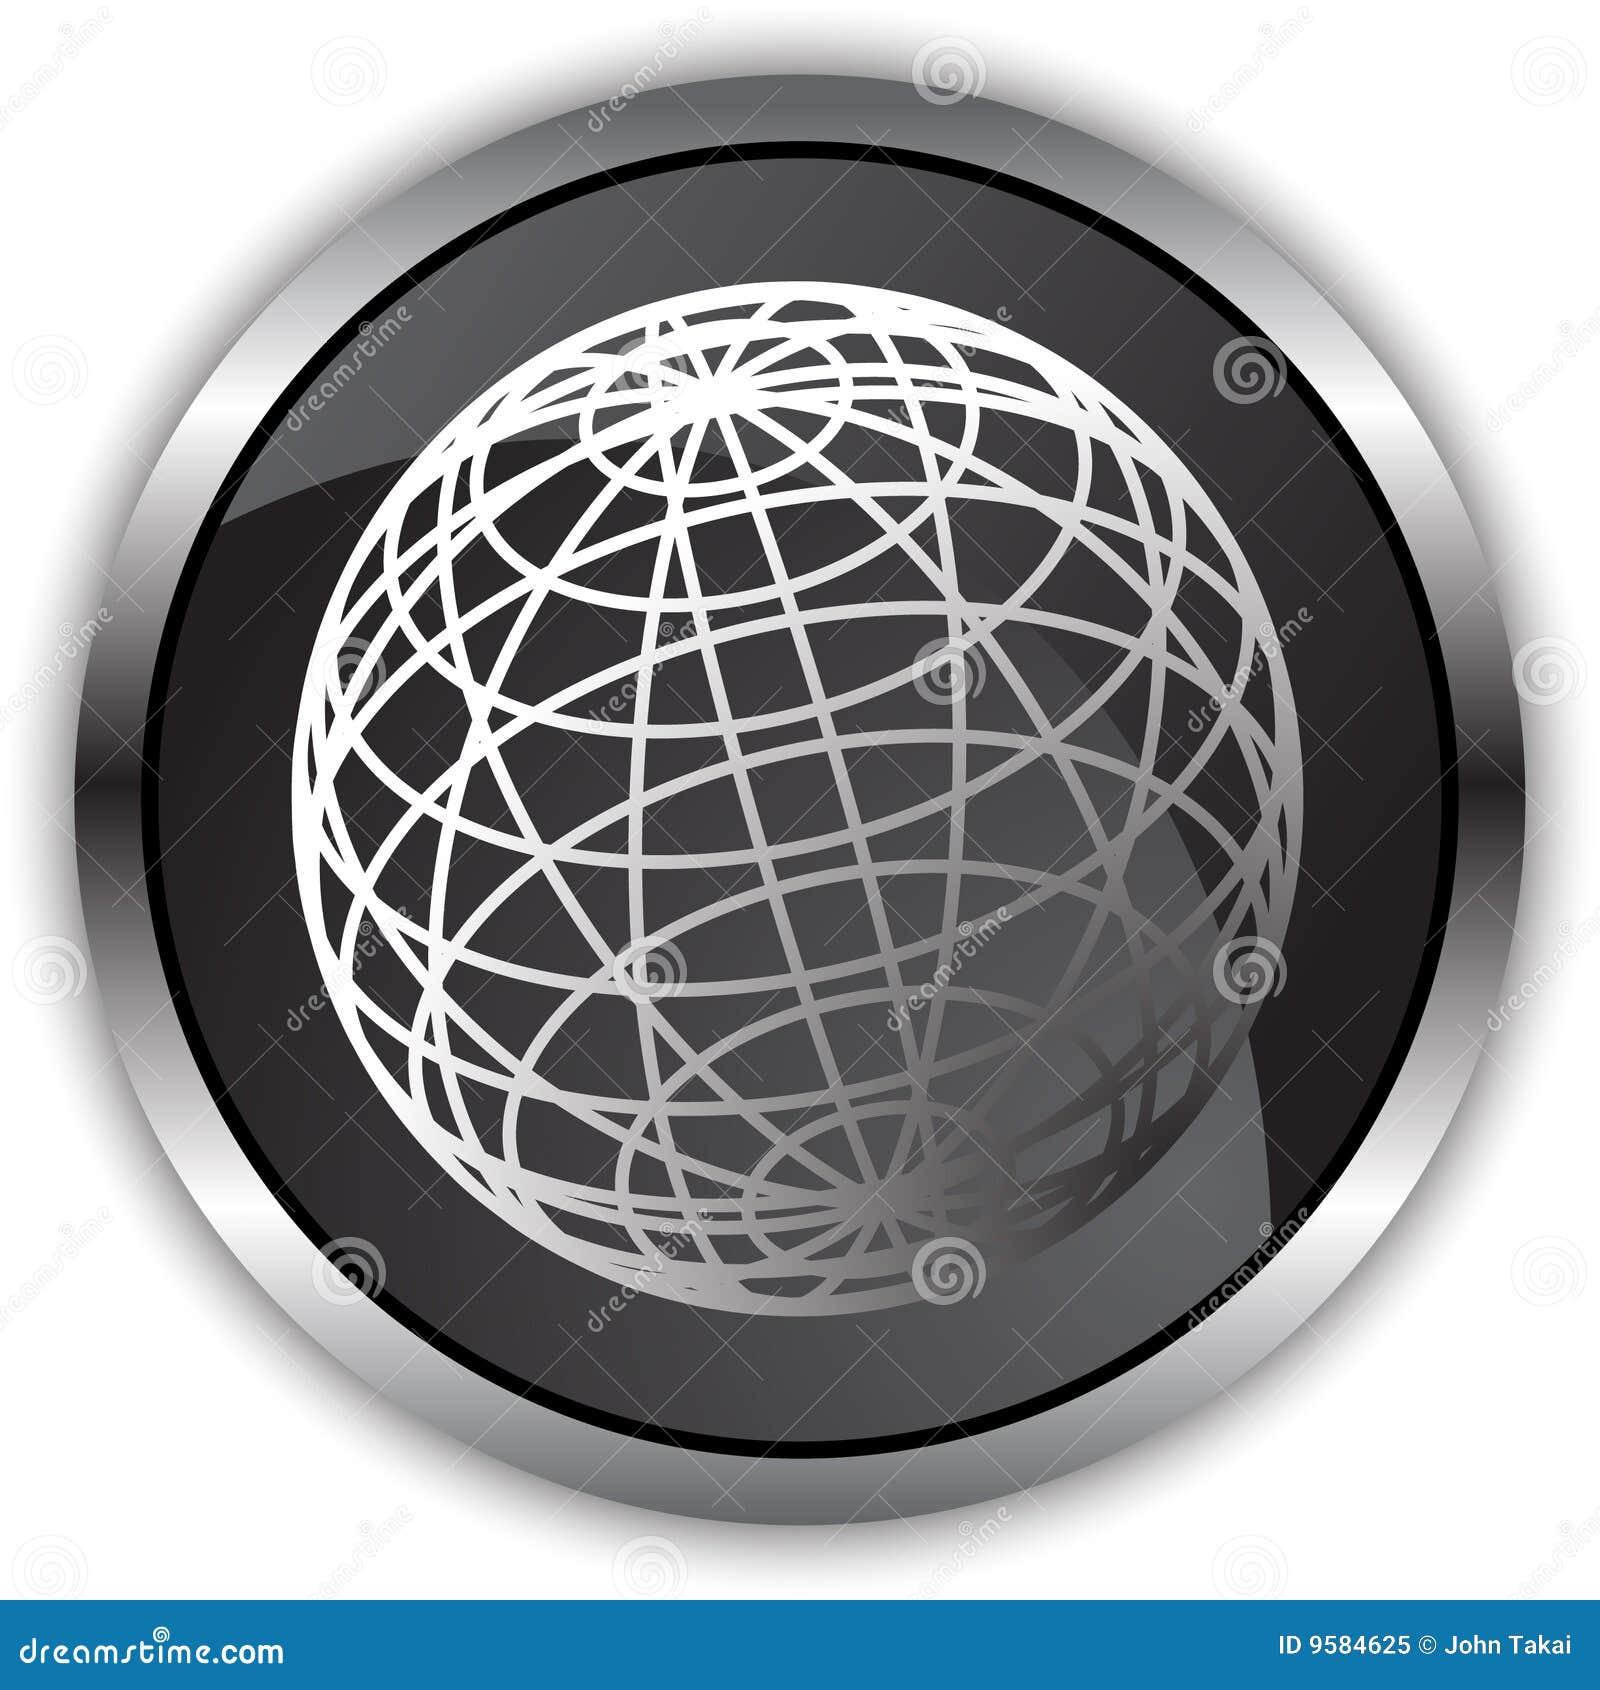 Satin noir - globe